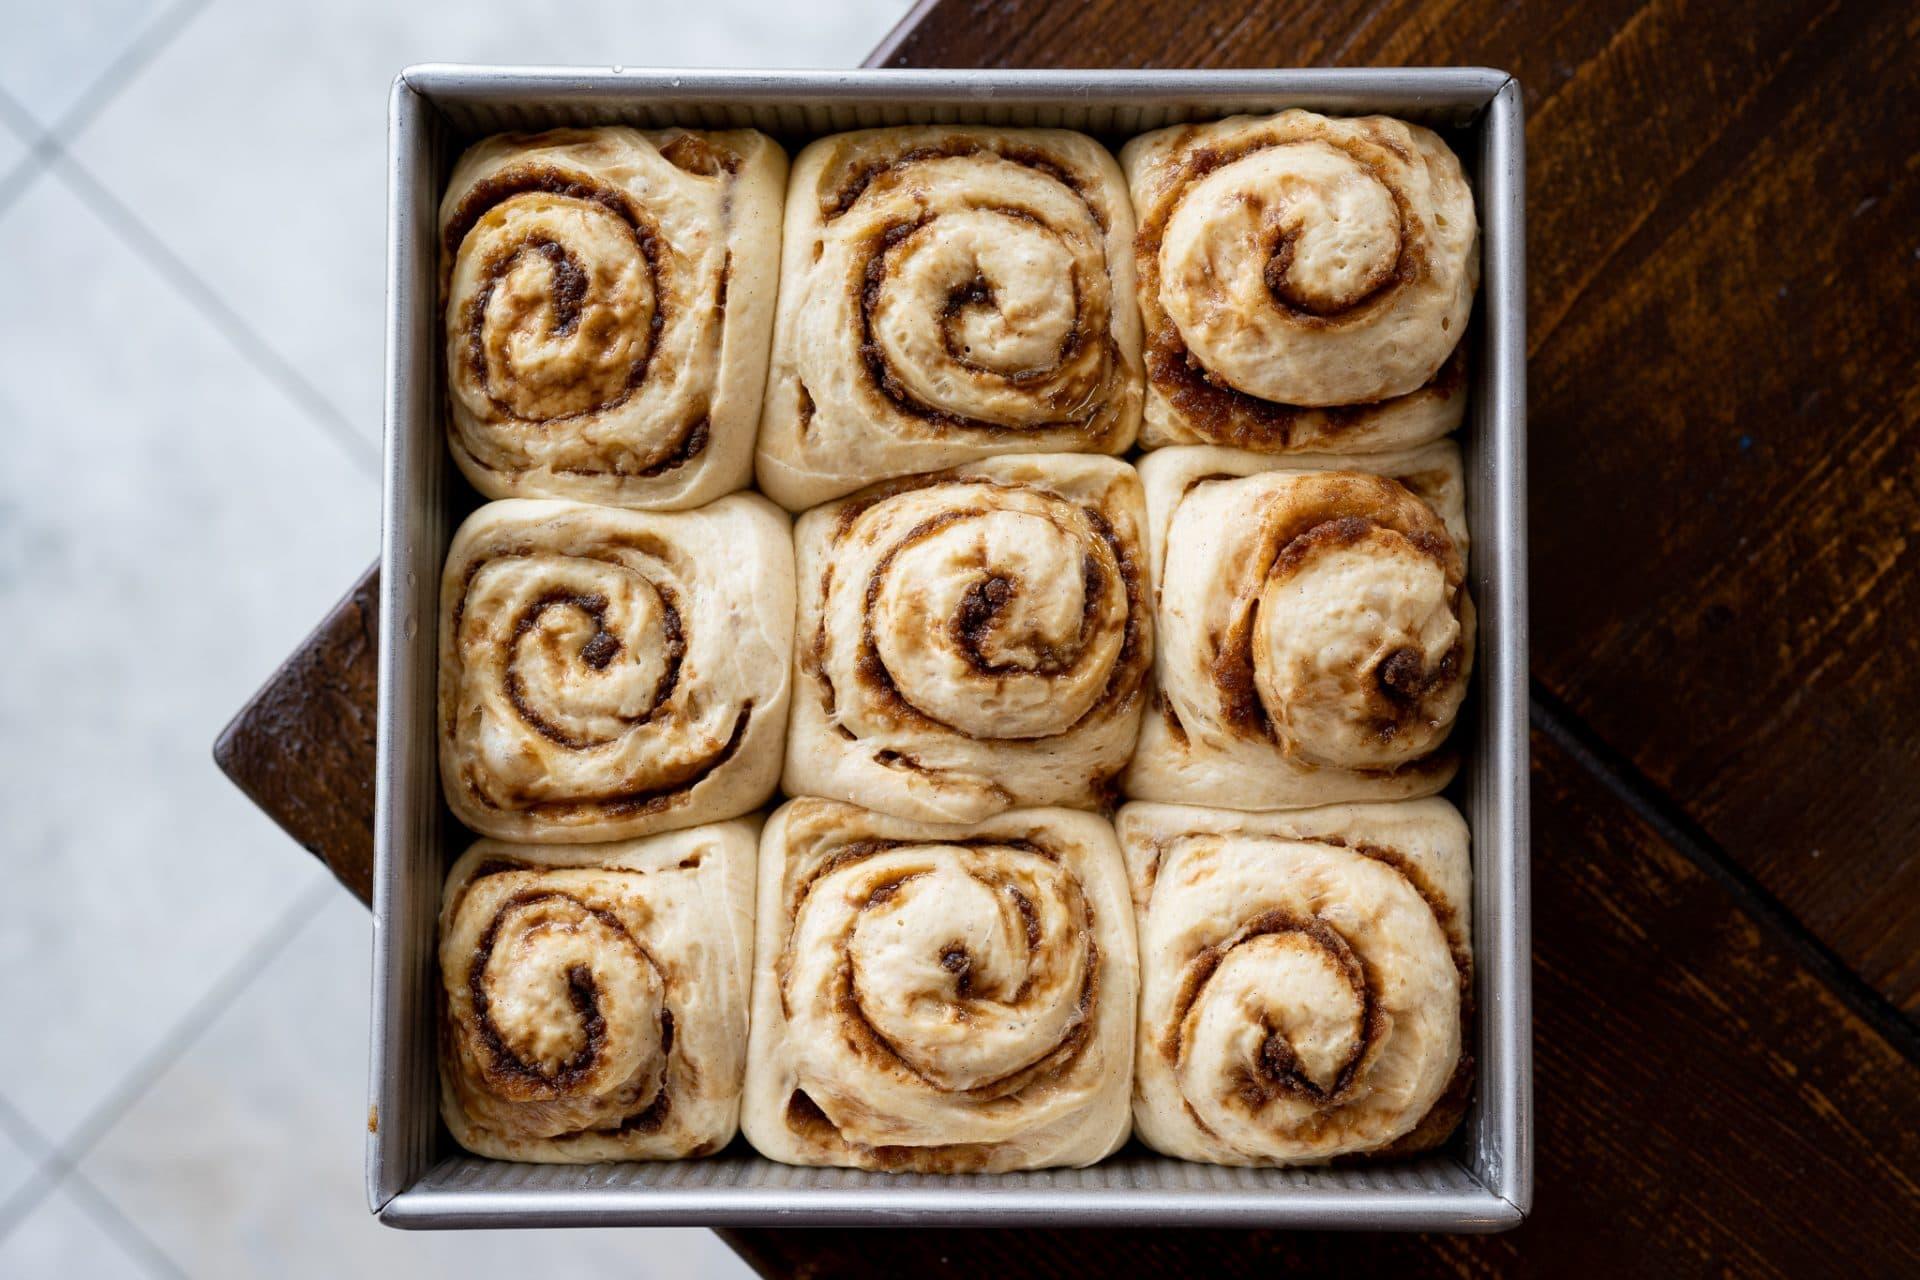 Fully proofed sourdough cardamom rolls